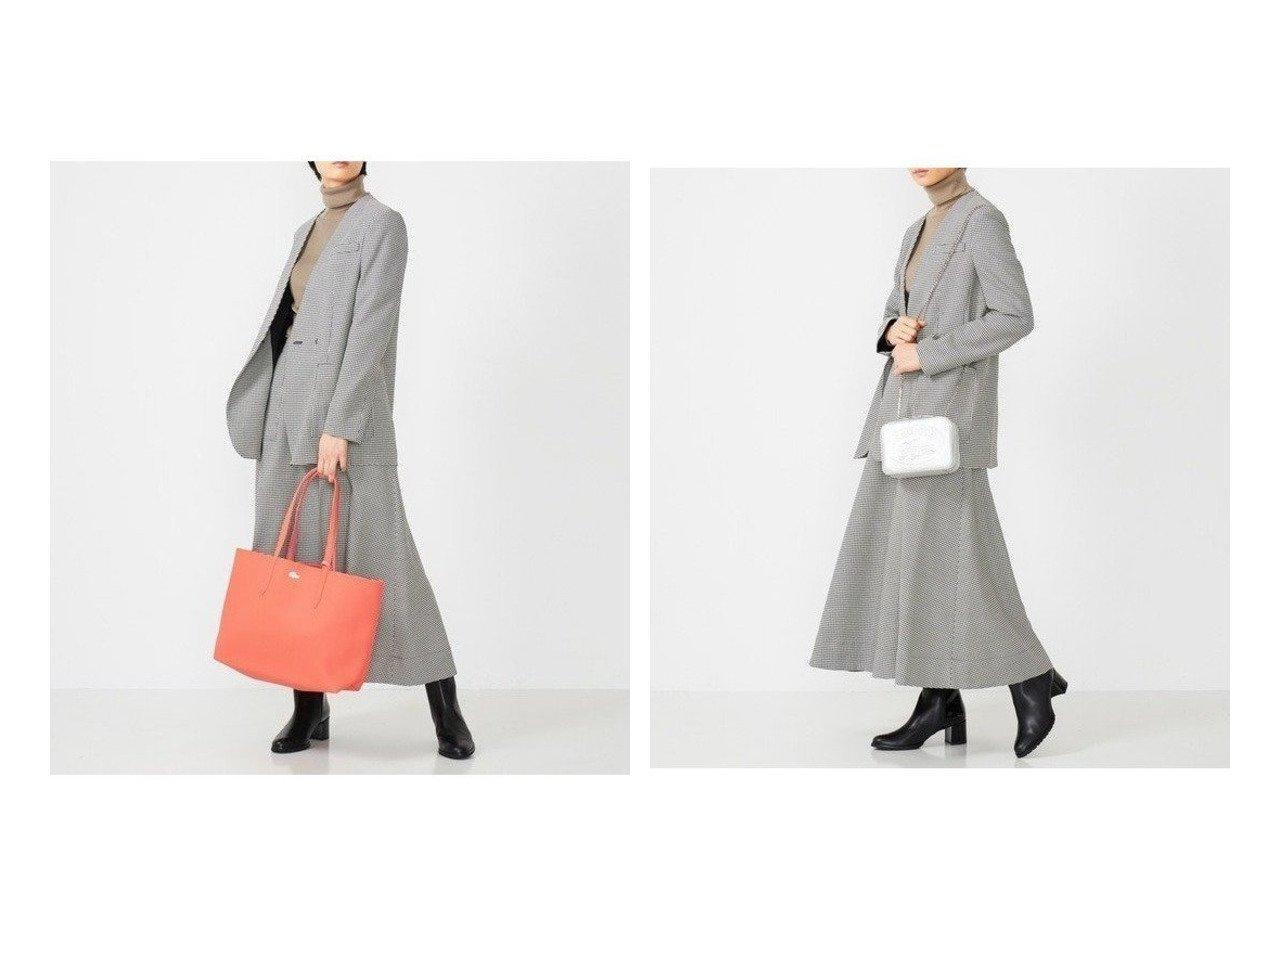 【LACOSTE/ラコステ】のANNA リバーシブル トートバッグ&CROCO CREWチェーンハンドルバッグ バッグ・鞄のおすすめ!人気、トレンド・レディースファッションの通販  おすすめで人気の流行・トレンド、ファッションの通販商品 メンズファッション・キッズファッション・インテリア・家具・レディースファッション・服の通販 founy(ファニー) https://founy.com/ ファッション Fashion レディースファッション WOMEN バッグ Bag リバーシブル エレガント シルバー チェーン ビッグ フロント |ID:crp329100000009108